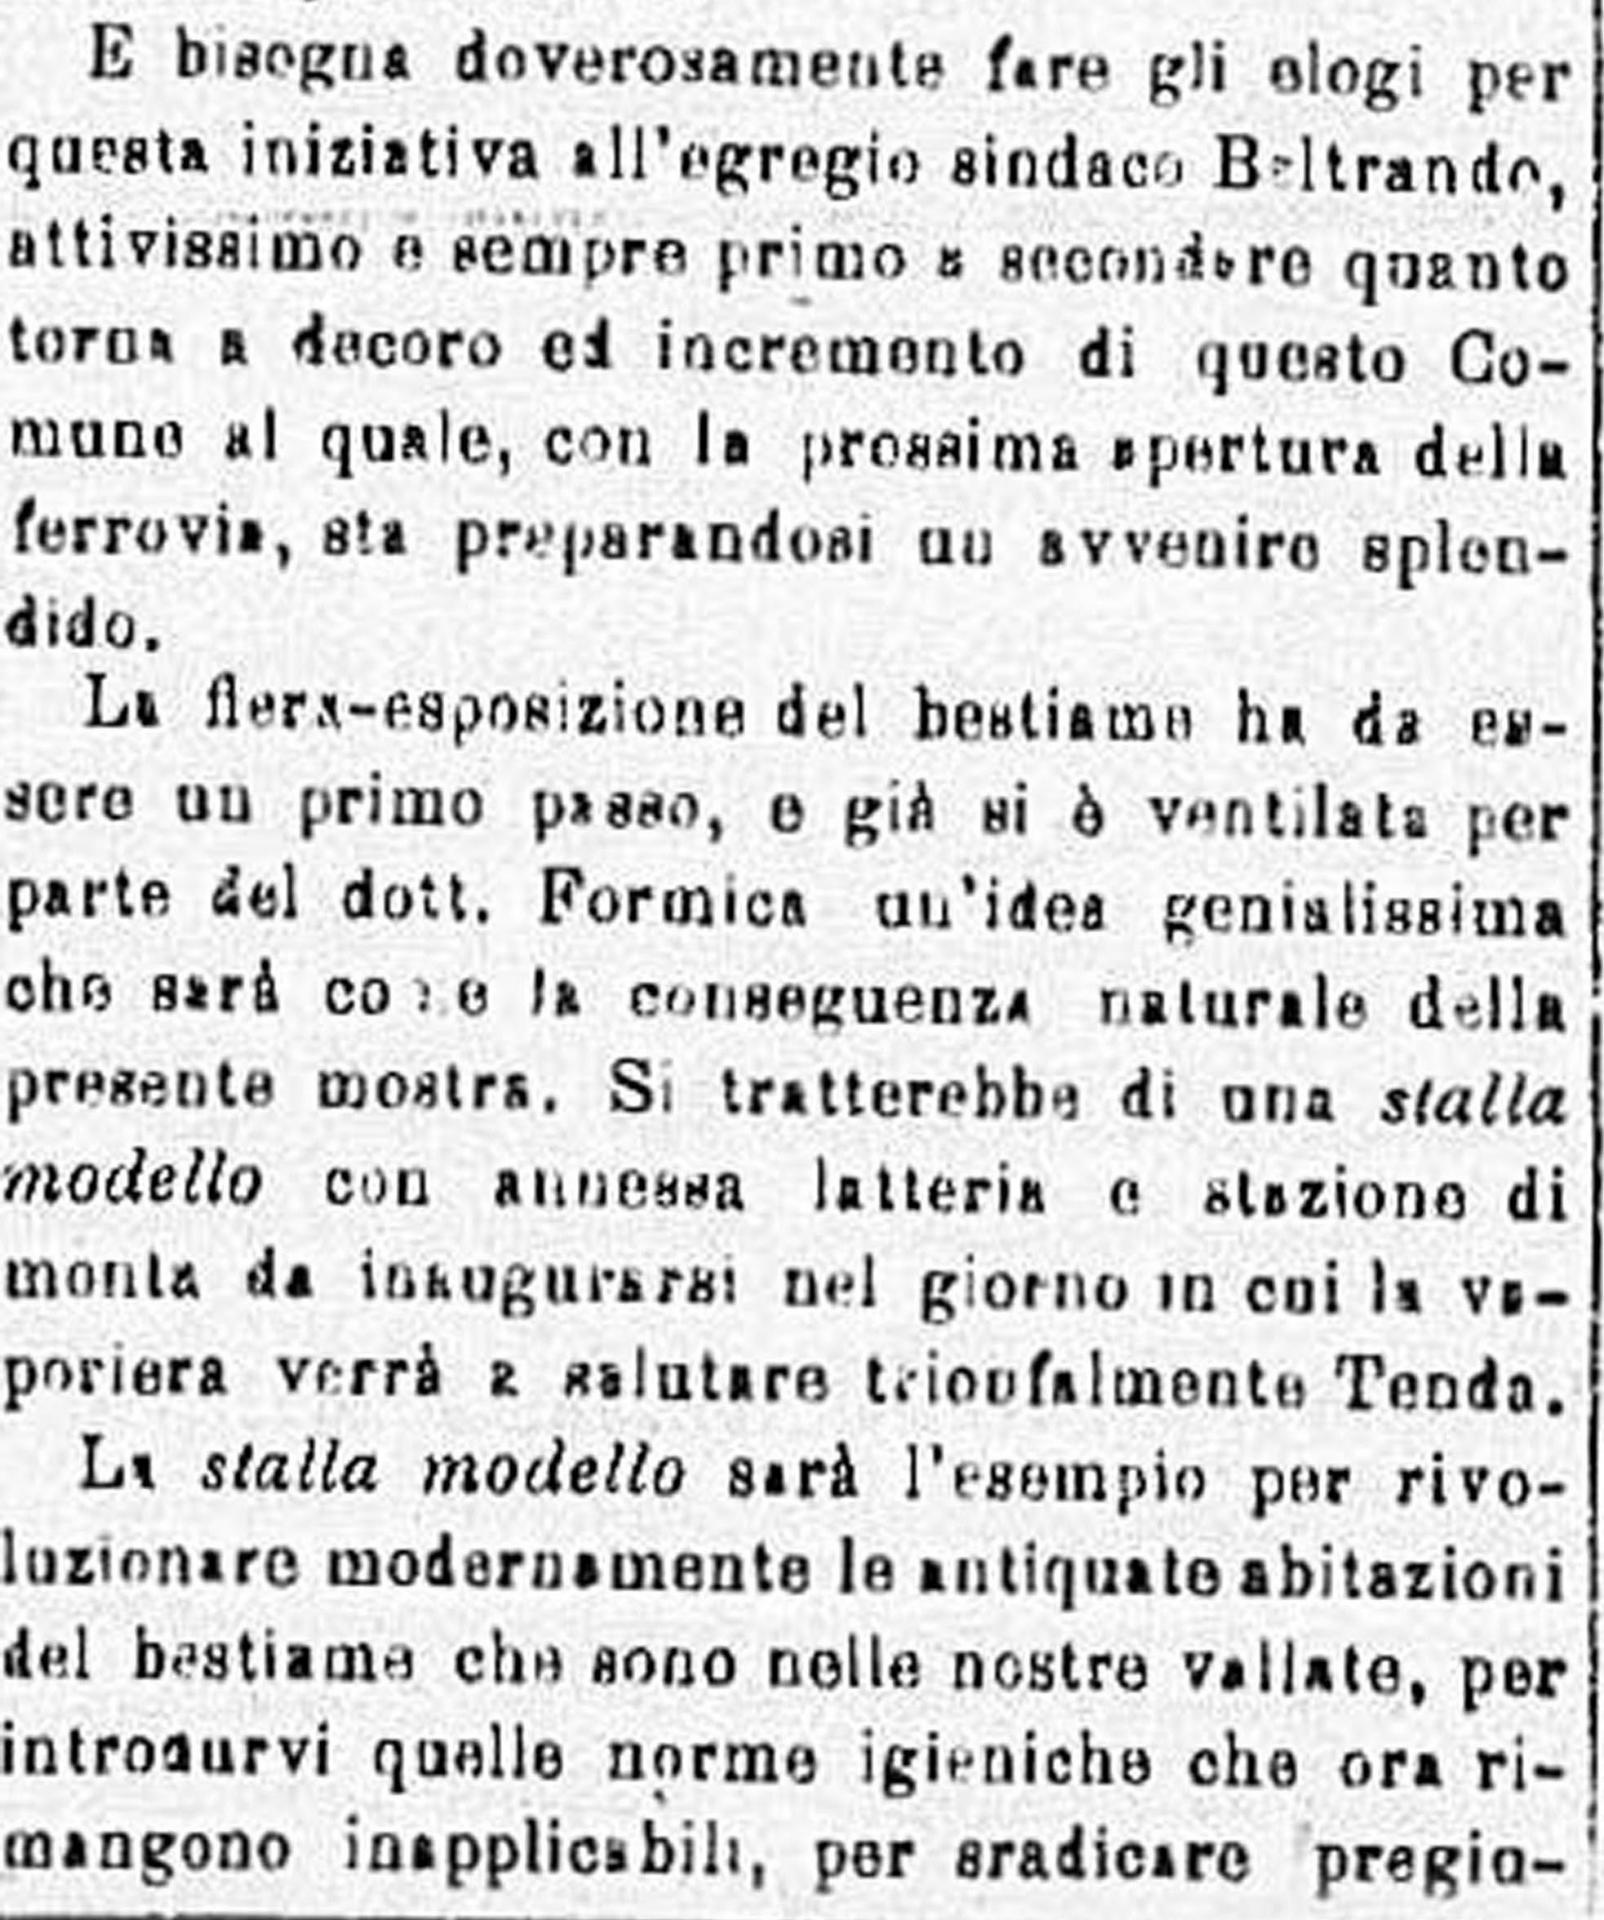 212 du 13 9 1911 ab